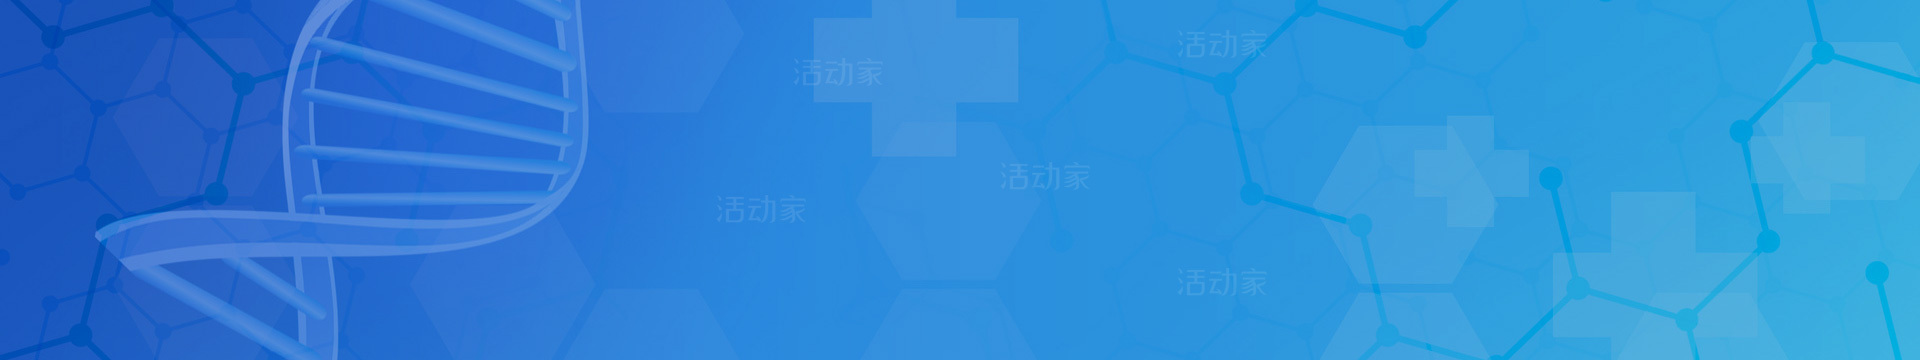 MDT 2019 分子诊断技术与应用论坛(武汉)